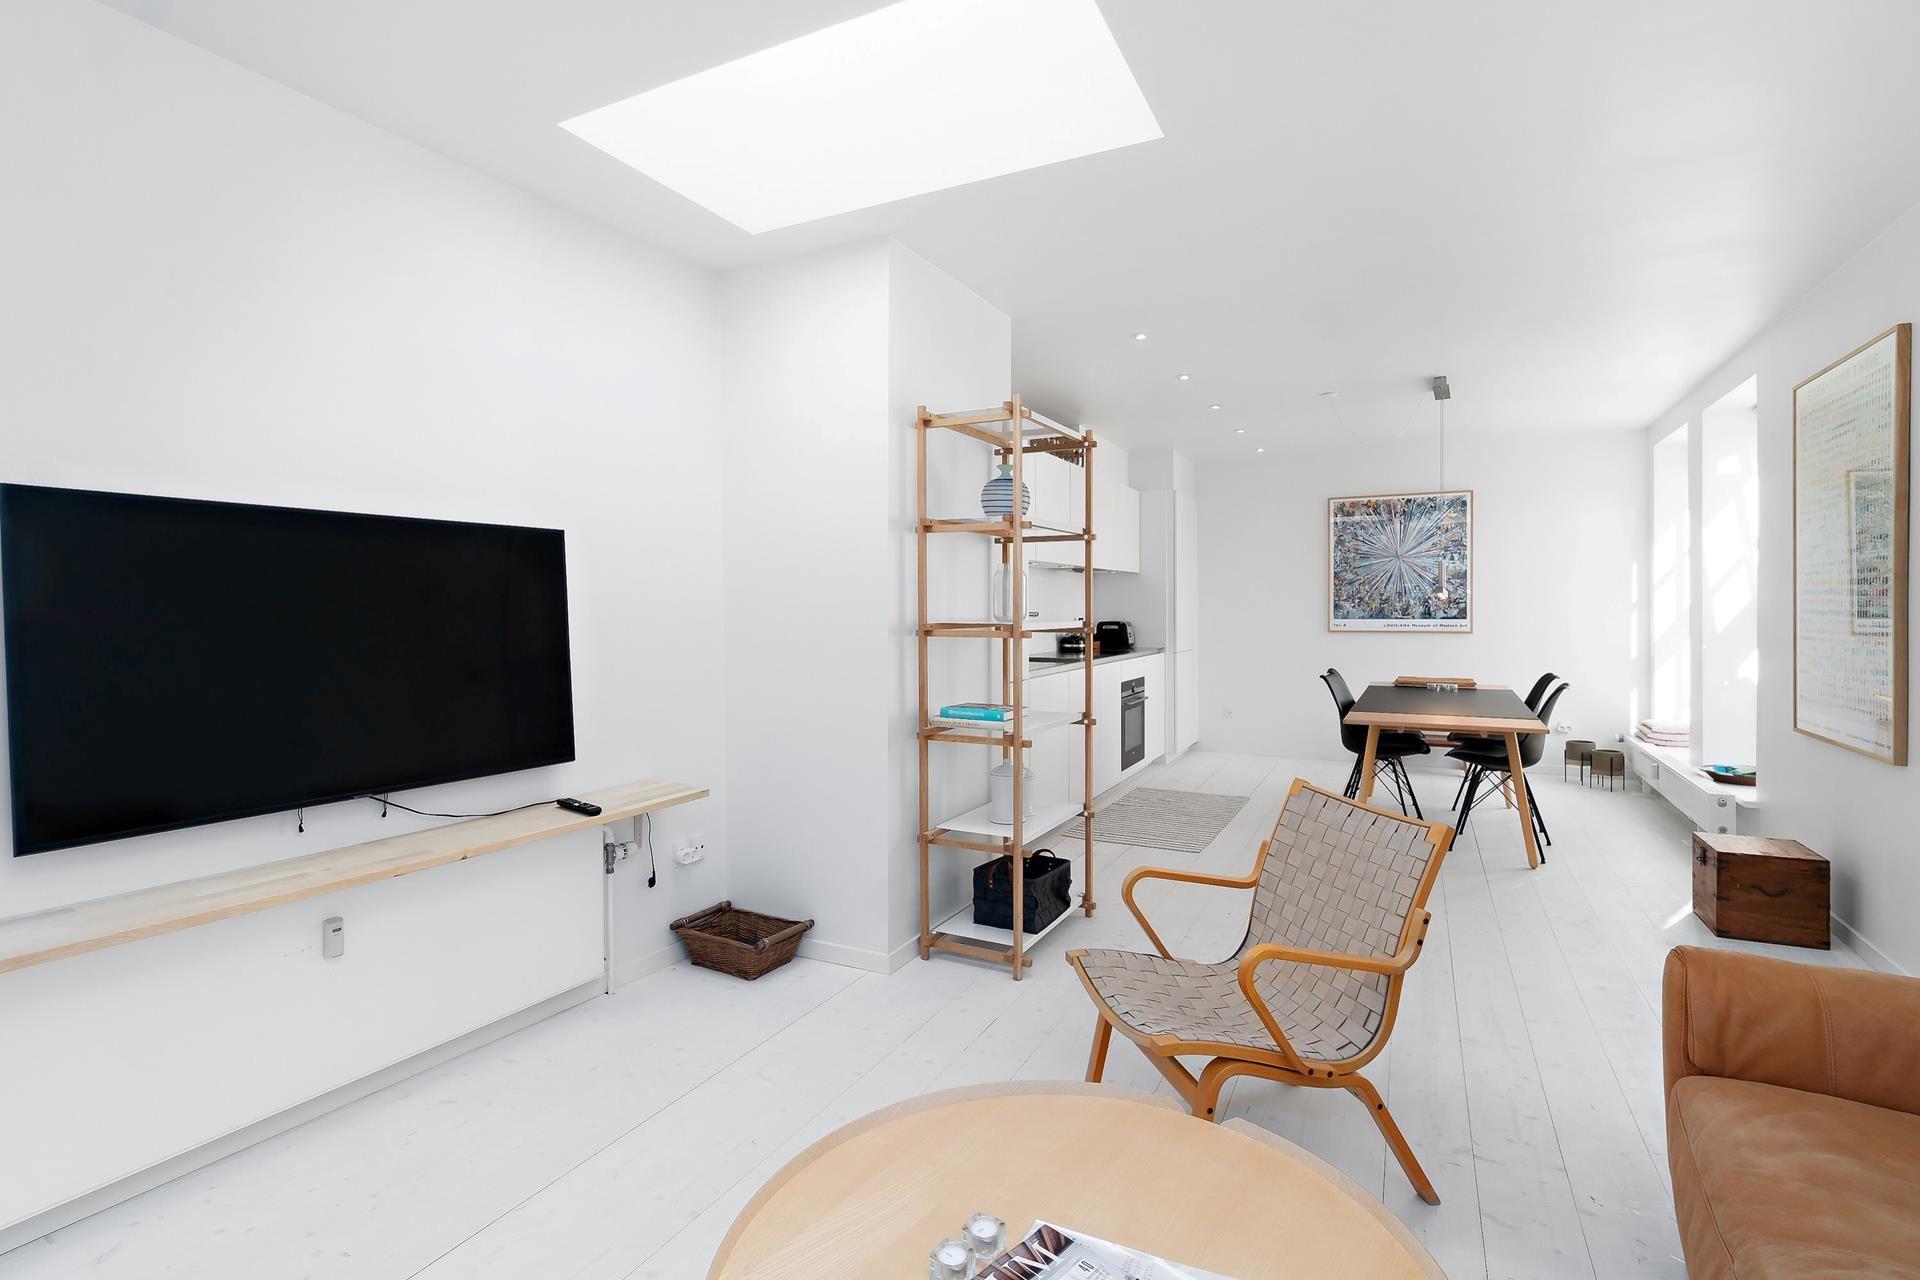 Strandgade 24D, 1 tv, 1401 København K